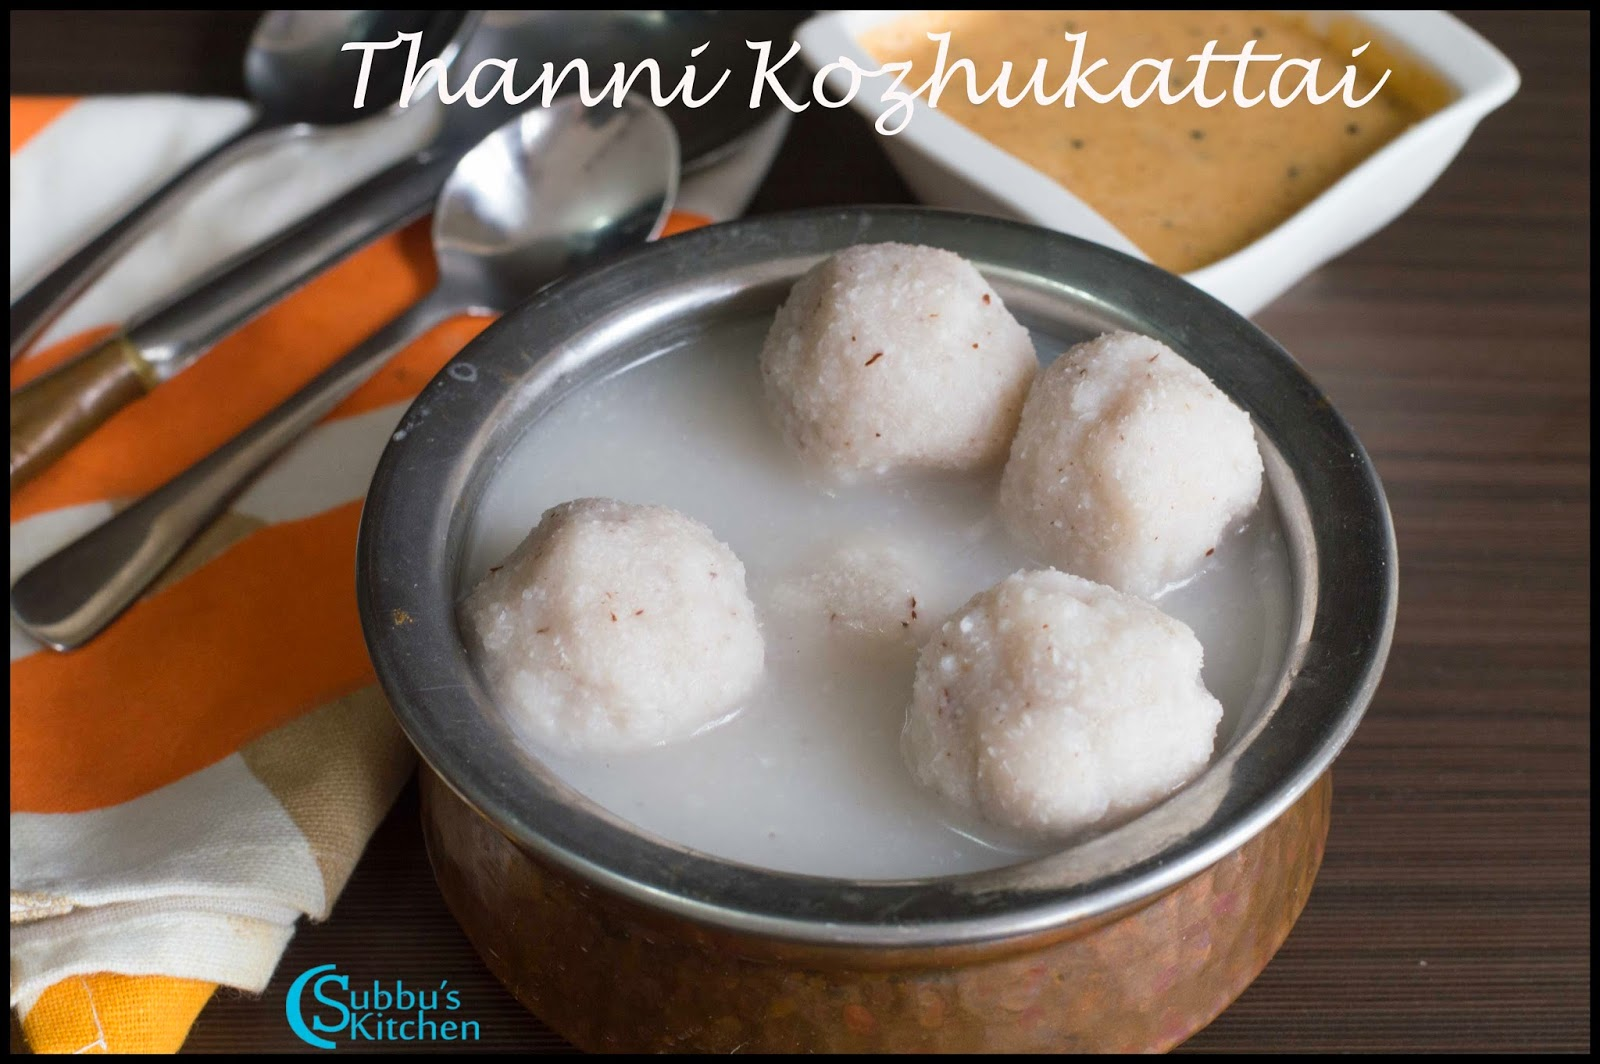 Thanni Kozhukattai